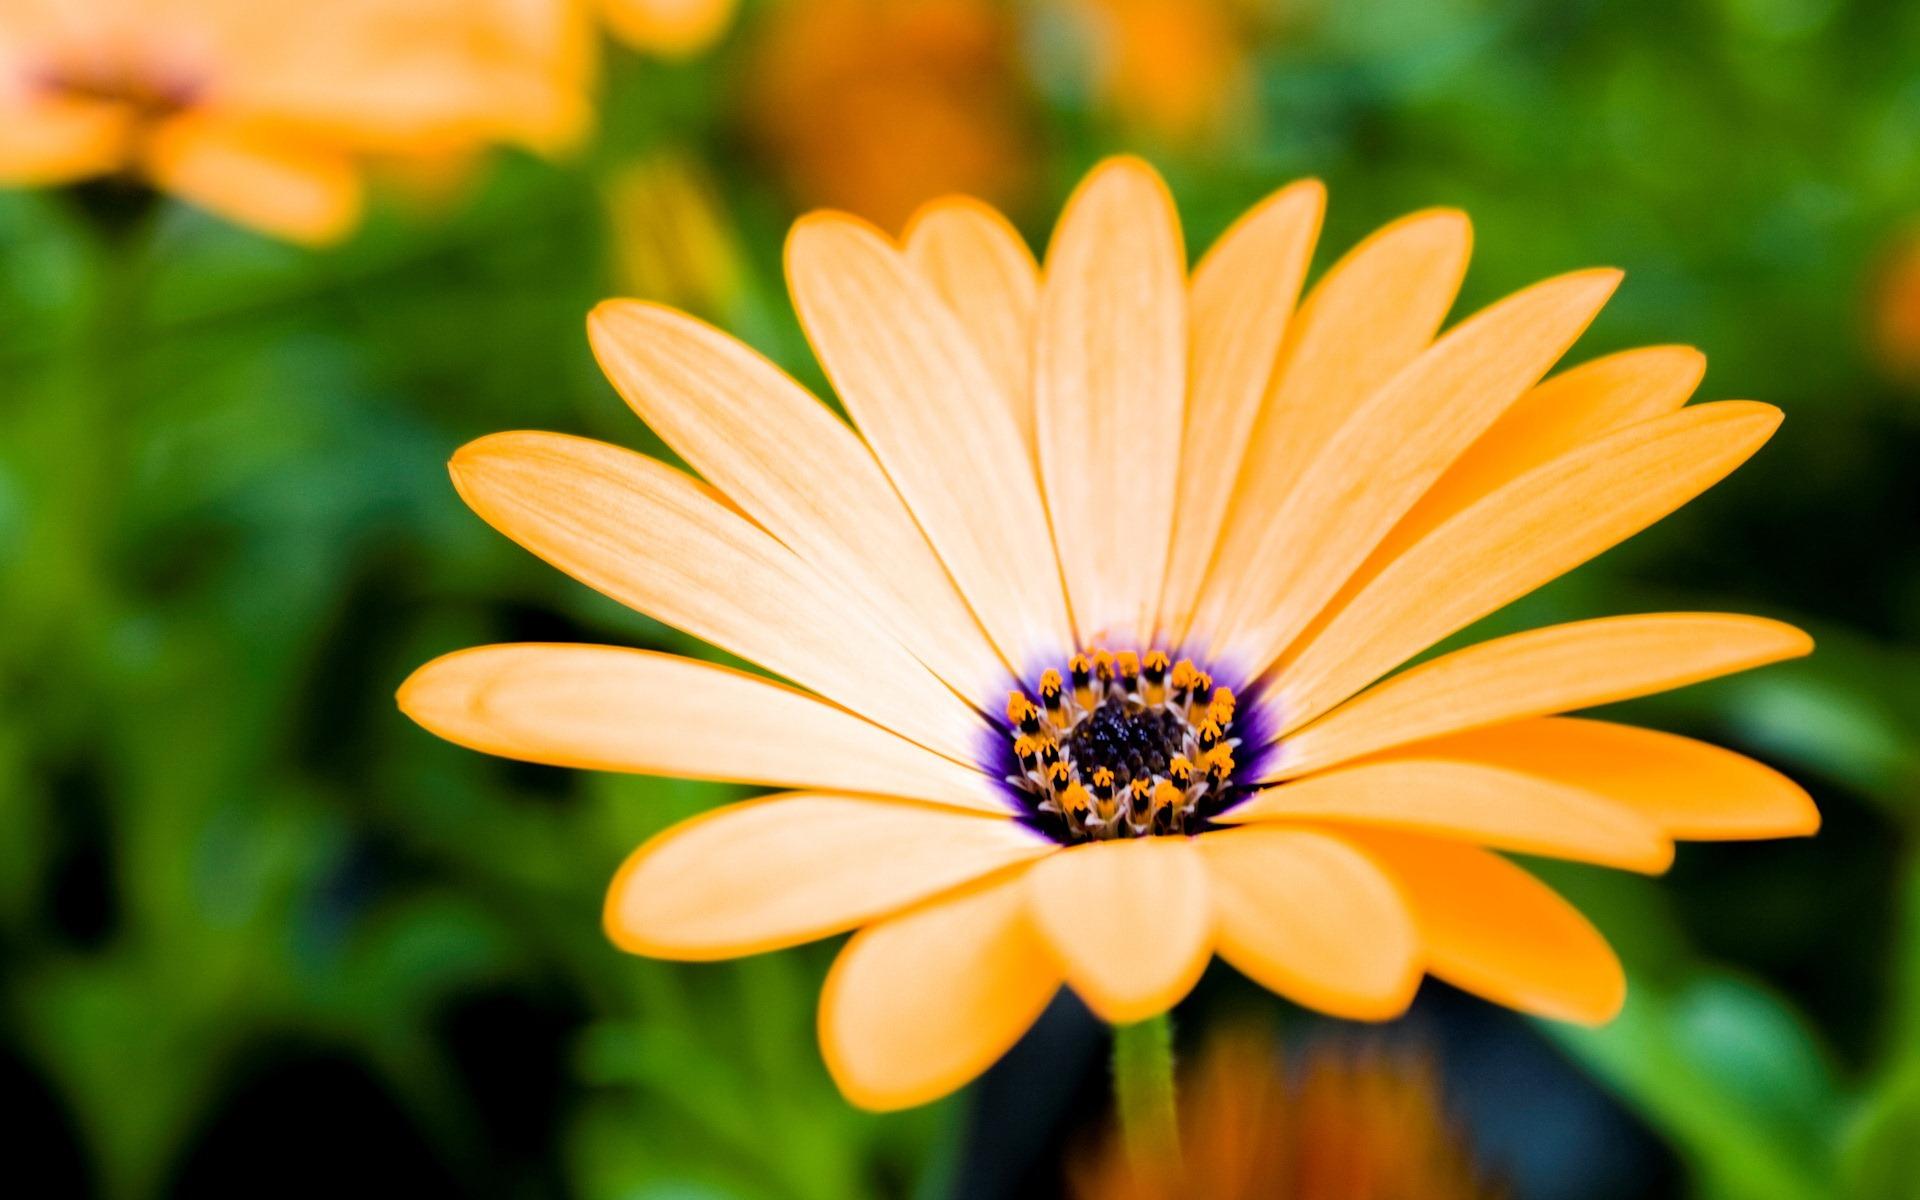 Flower Desktop Background 6949085 1920x1200